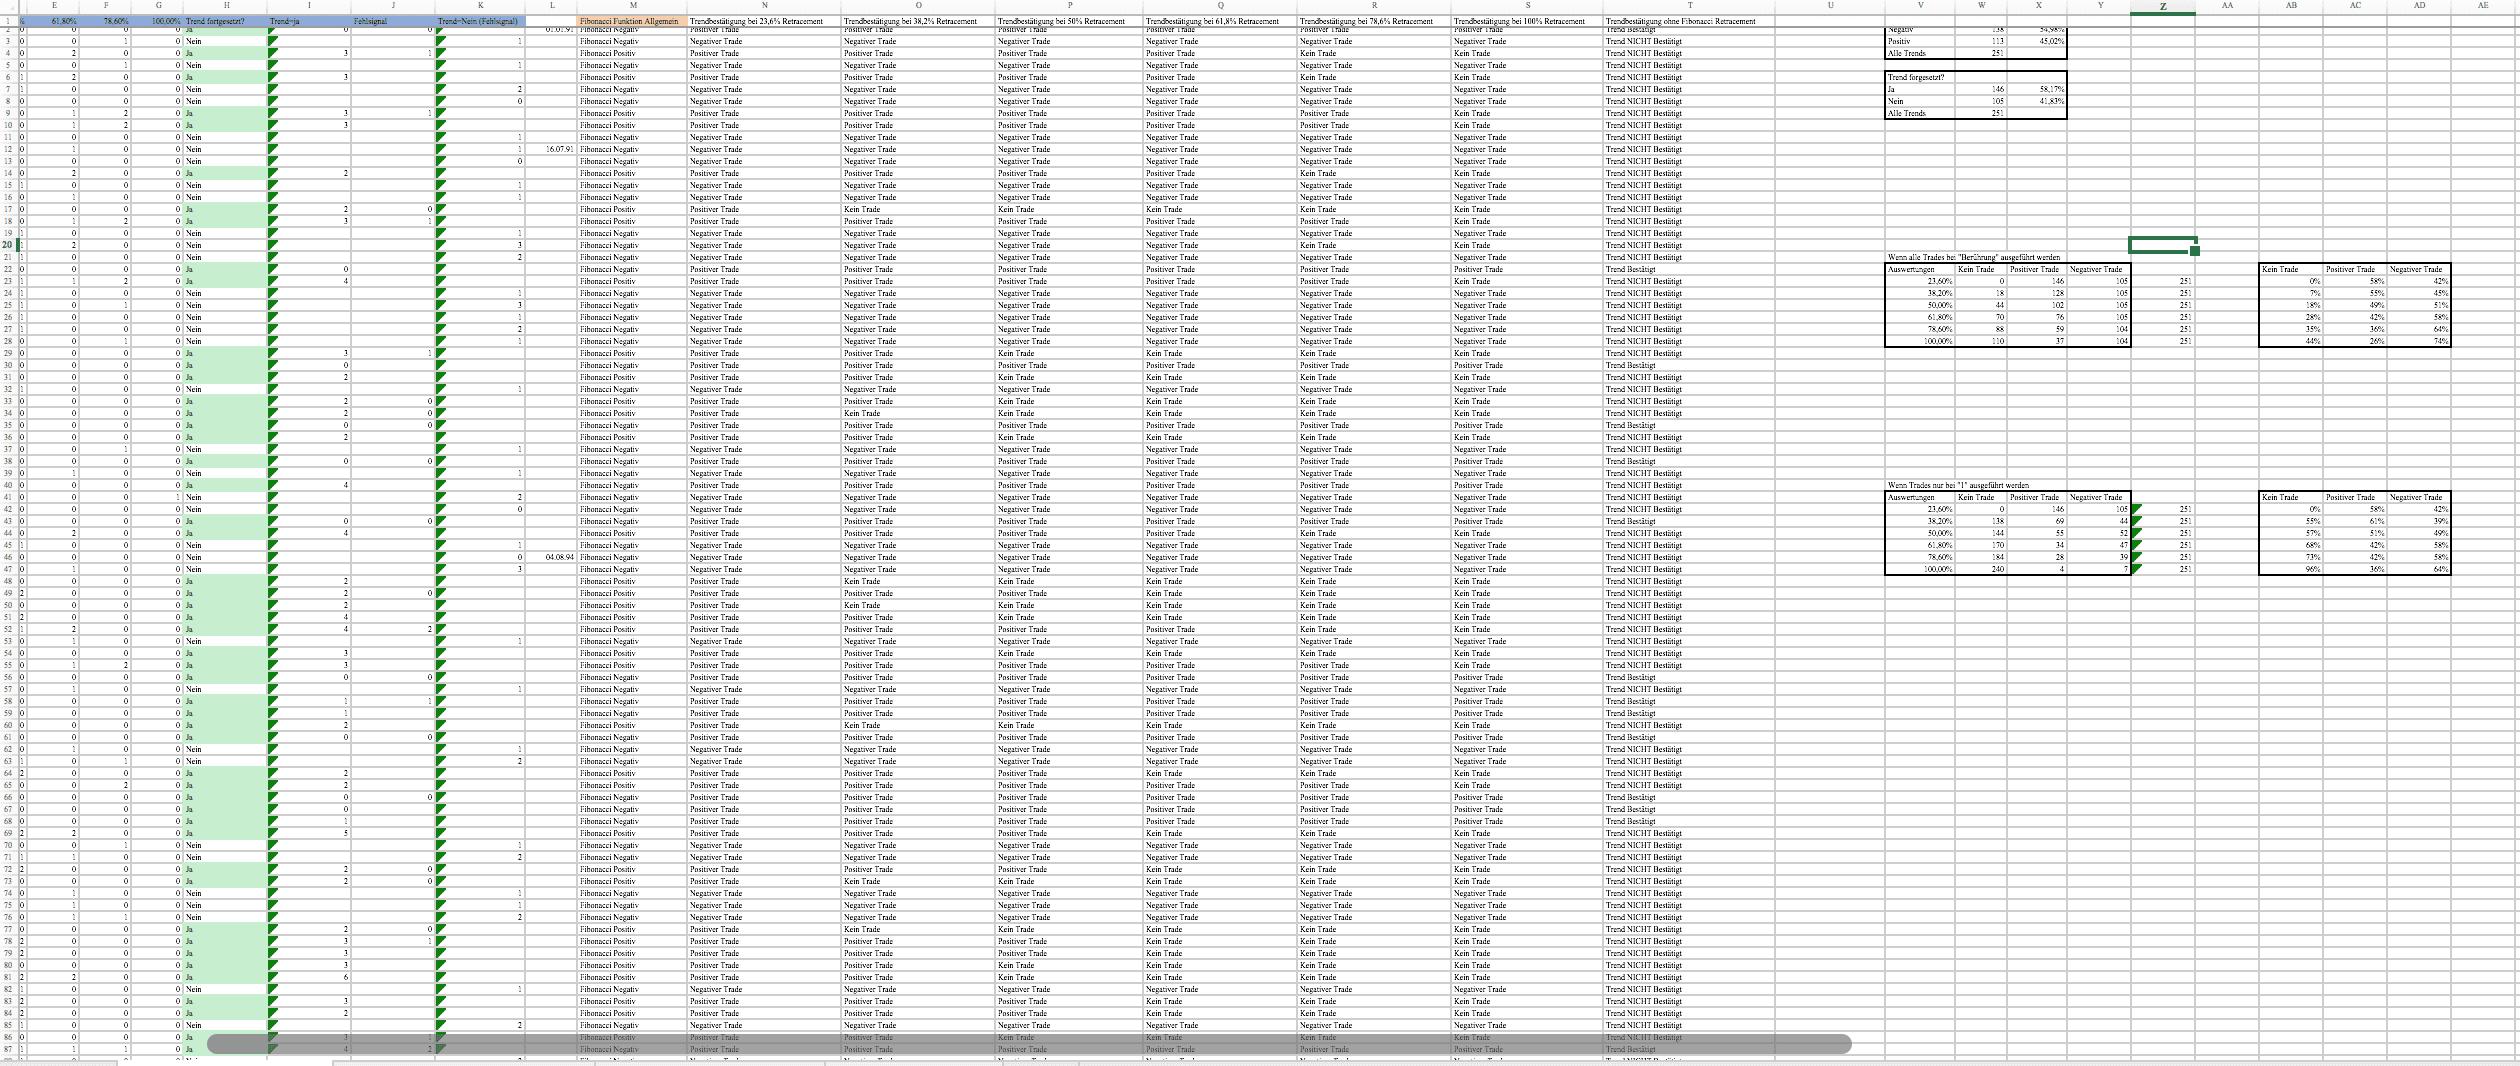 DAX-Zeit-Tabelle